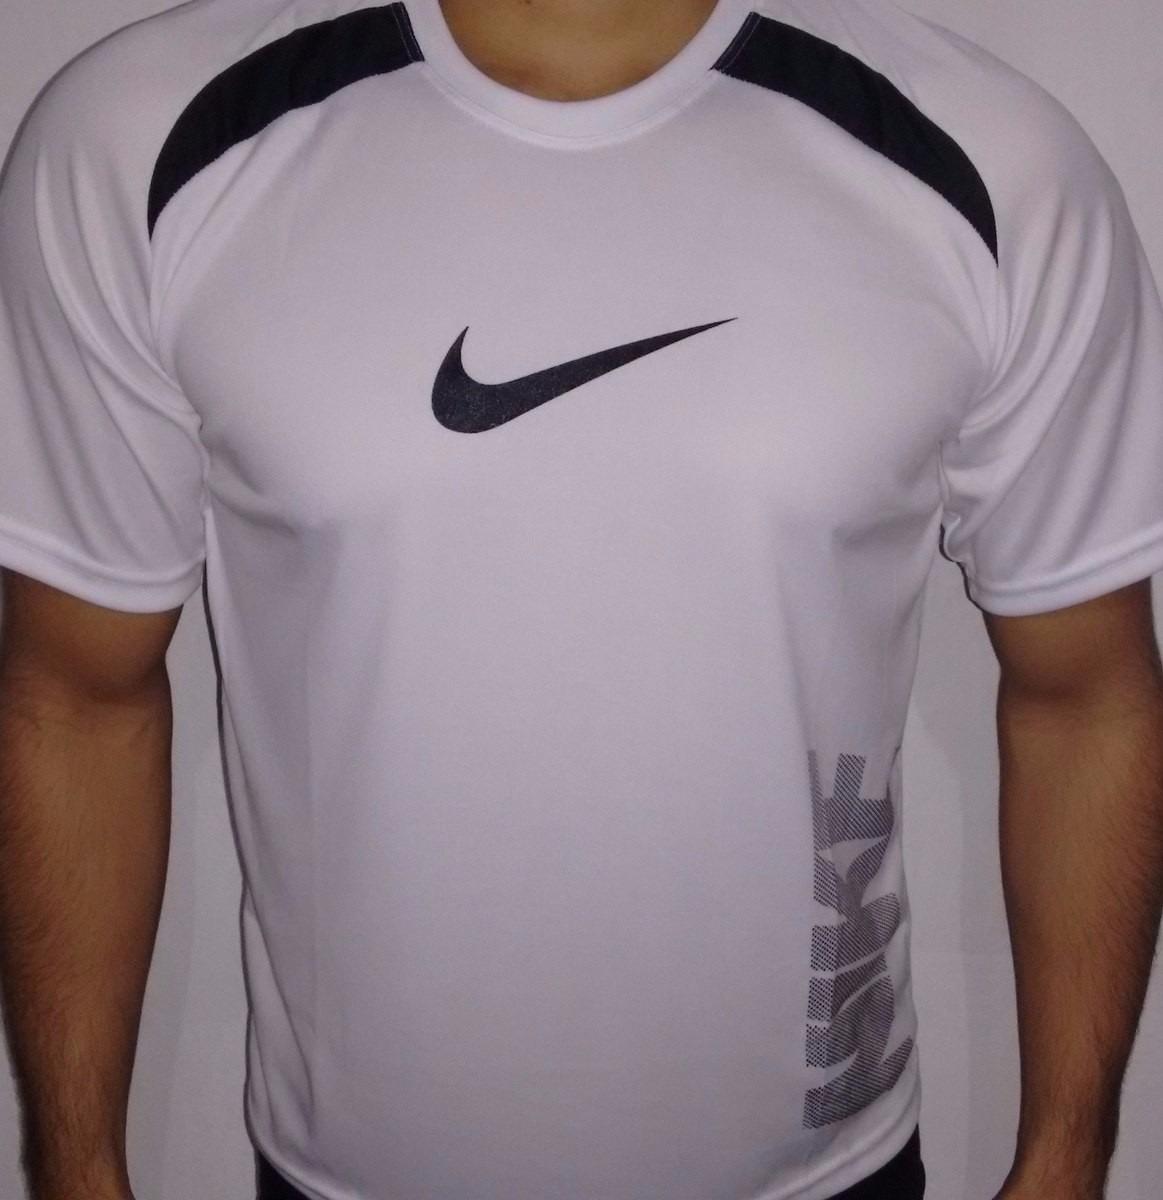 e2492eceec kit 5 camisetas nike dry fit poliester academia frete grátis. Carregando  zoom.